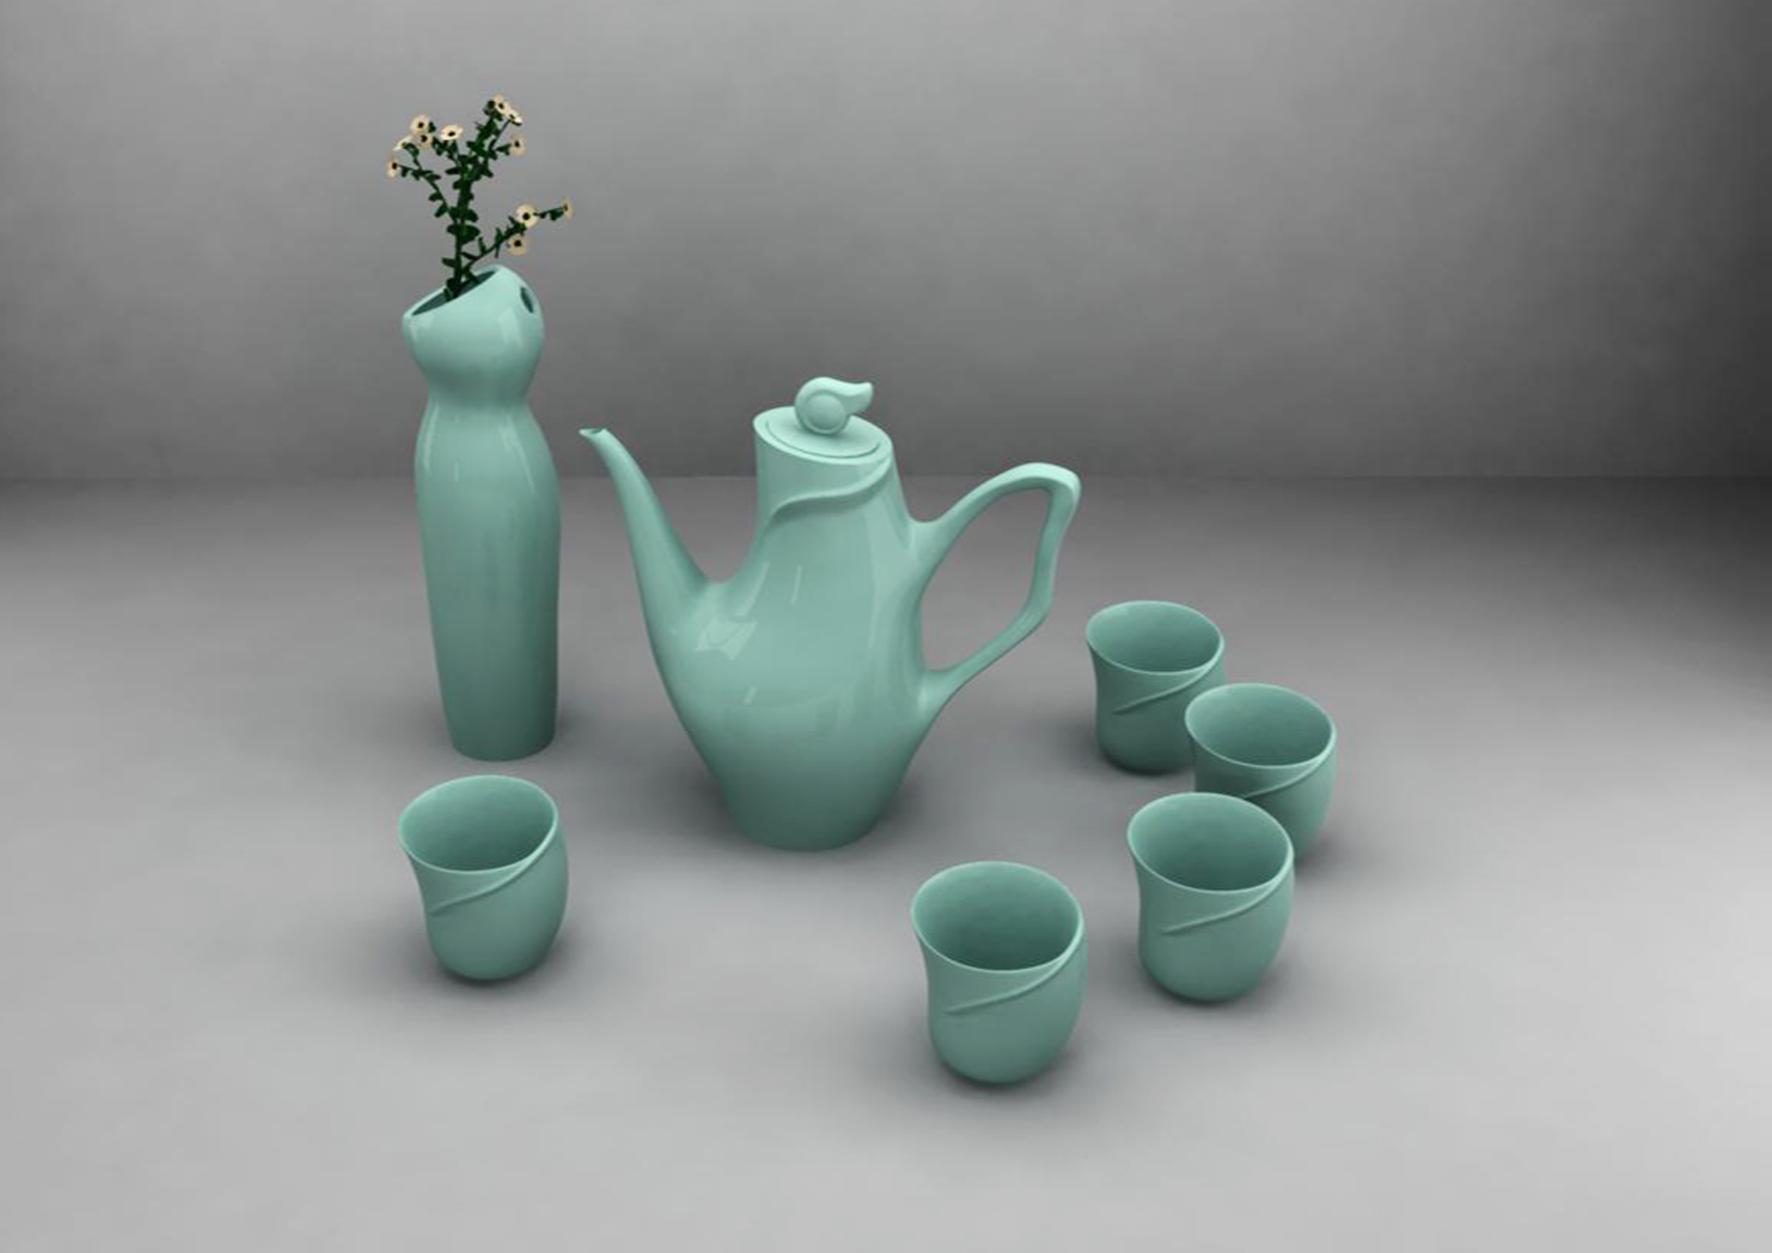 陶瓷产品设计